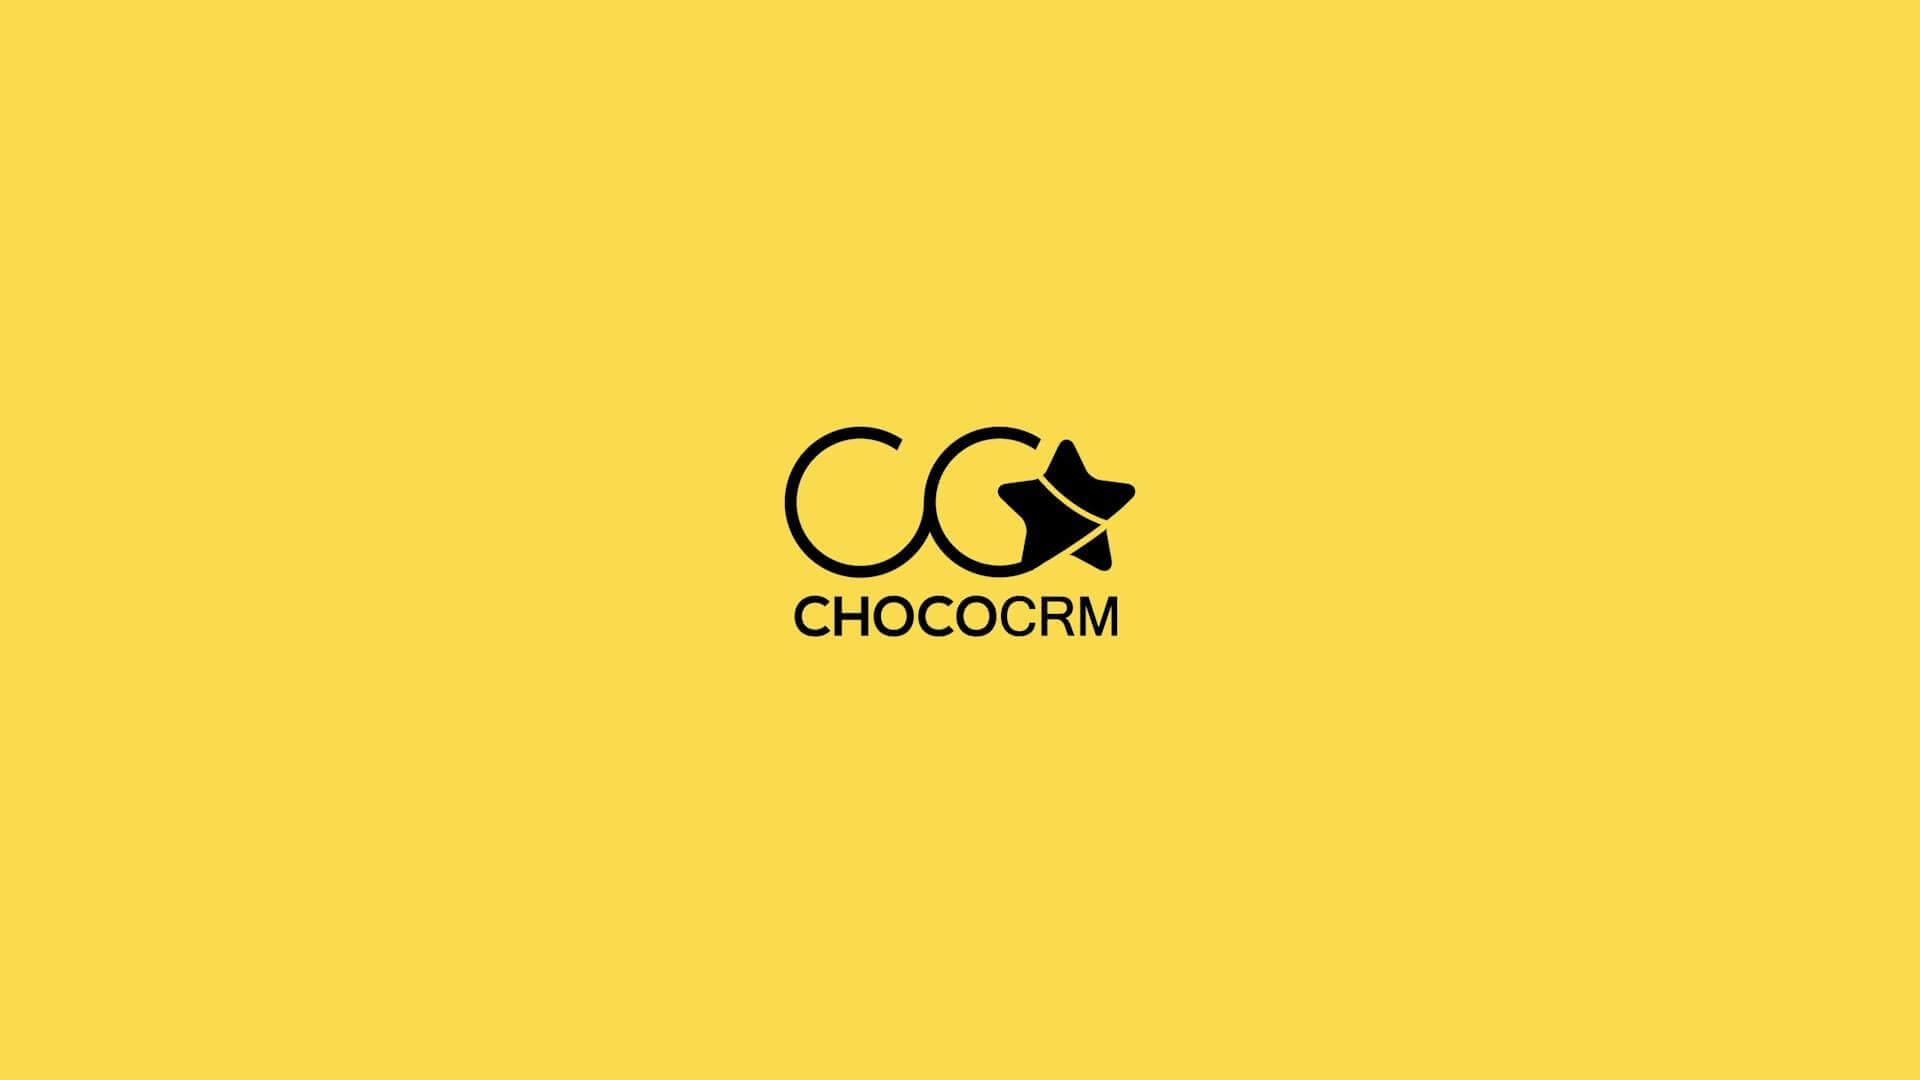 ChocoCRM ดูแลธุรกิจครบวงจร มั่นใจผู้ใช้กว่า 3000 ธุรกิจ